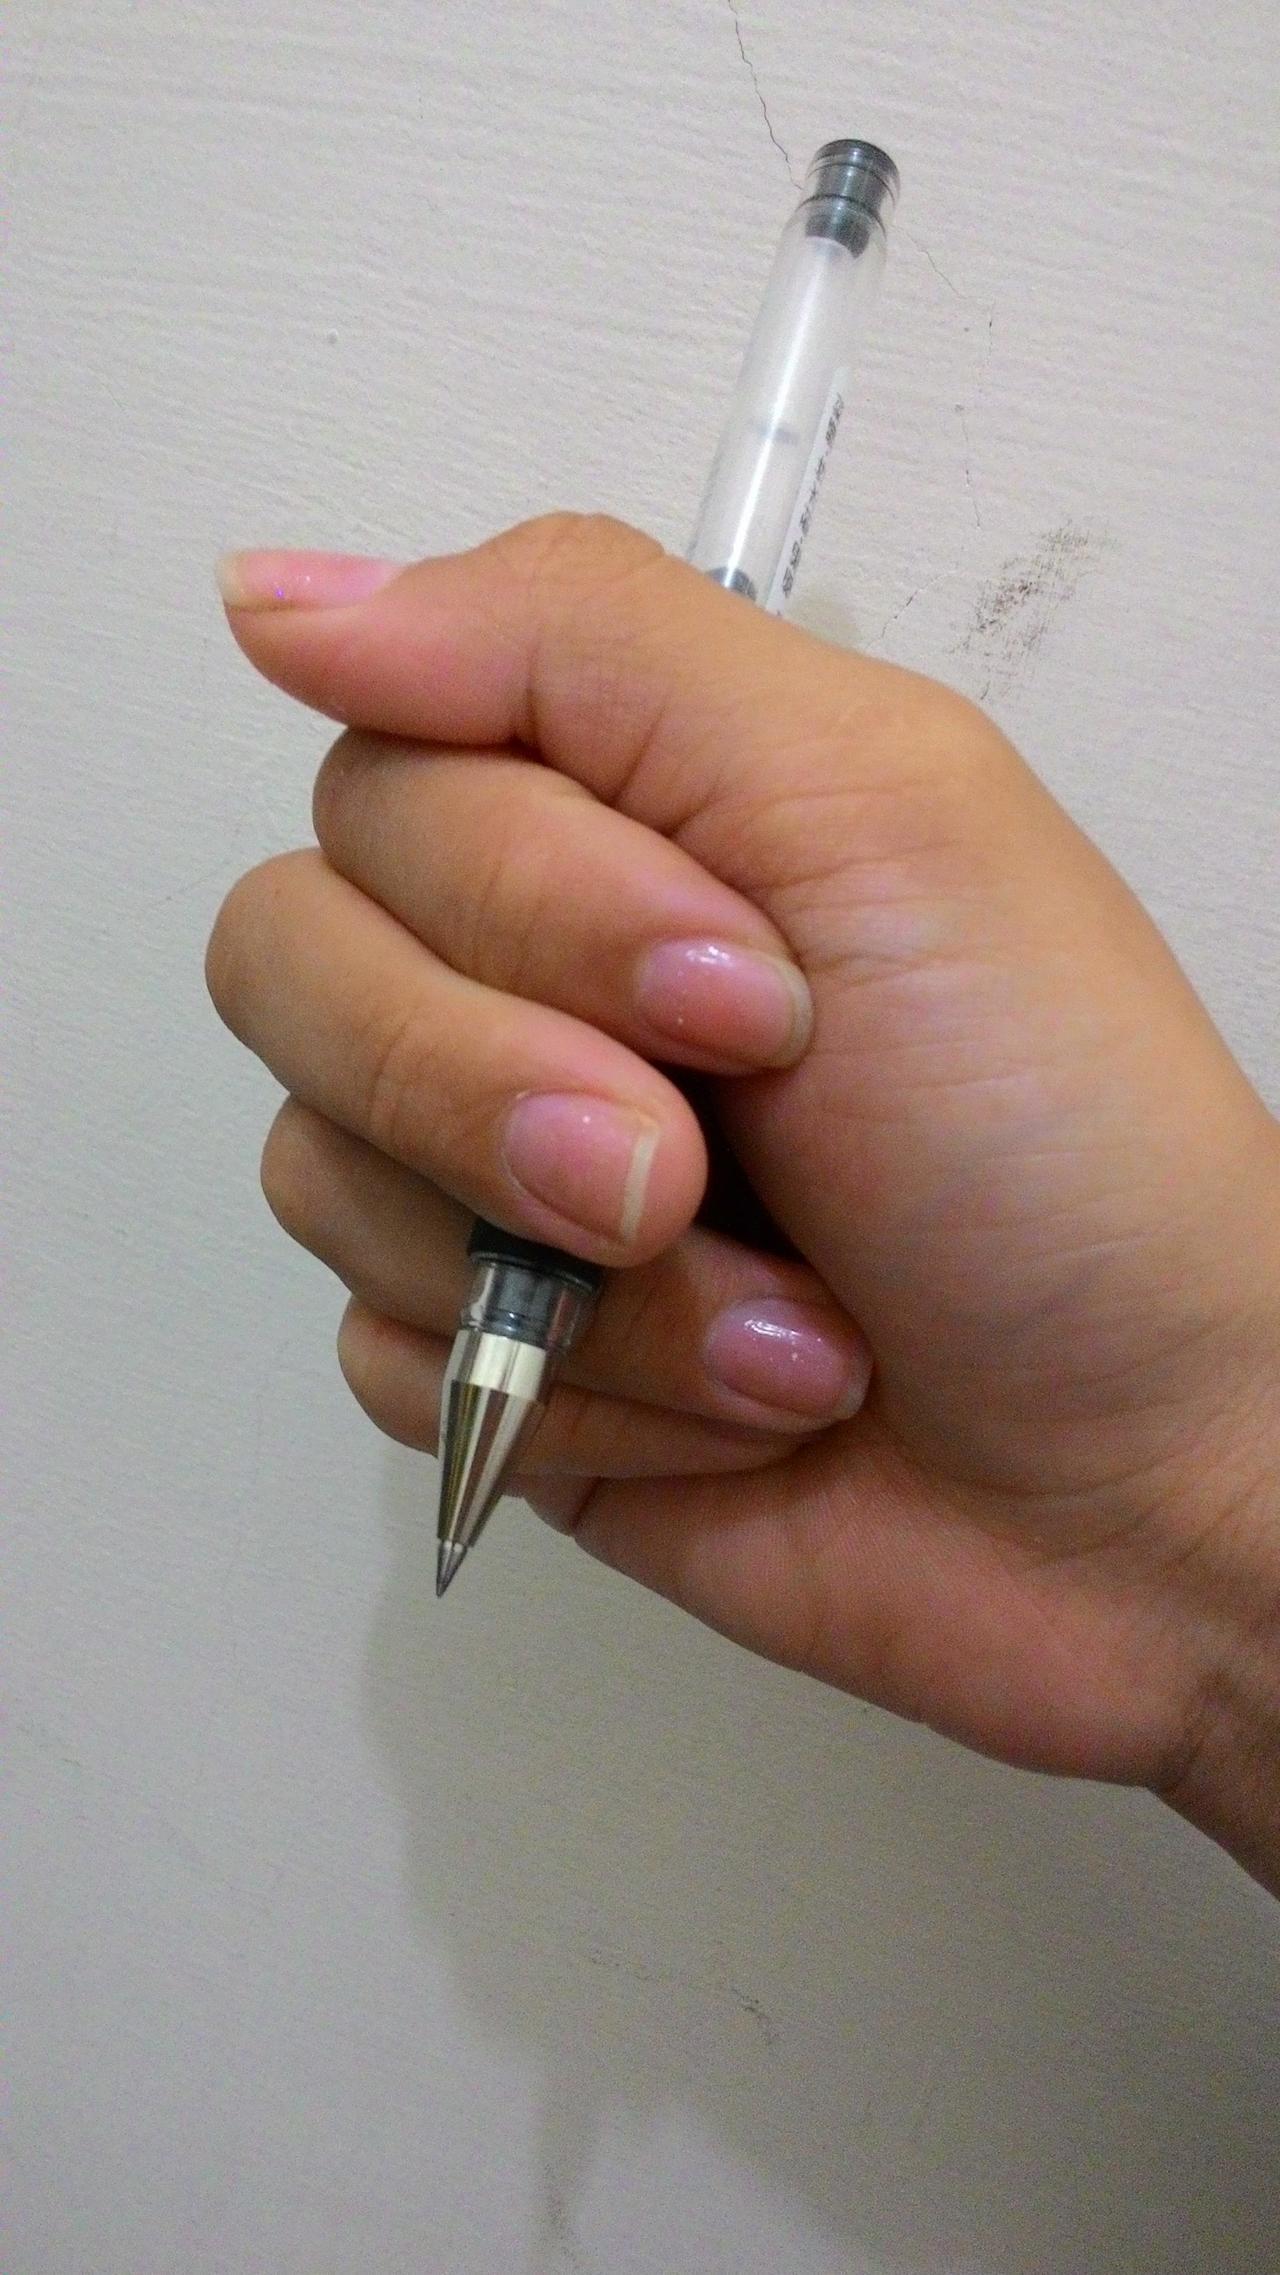 握筆正確似乎很稀有?你是哪種錯誤type? | 鄉民爆卦 | 熱搜話題